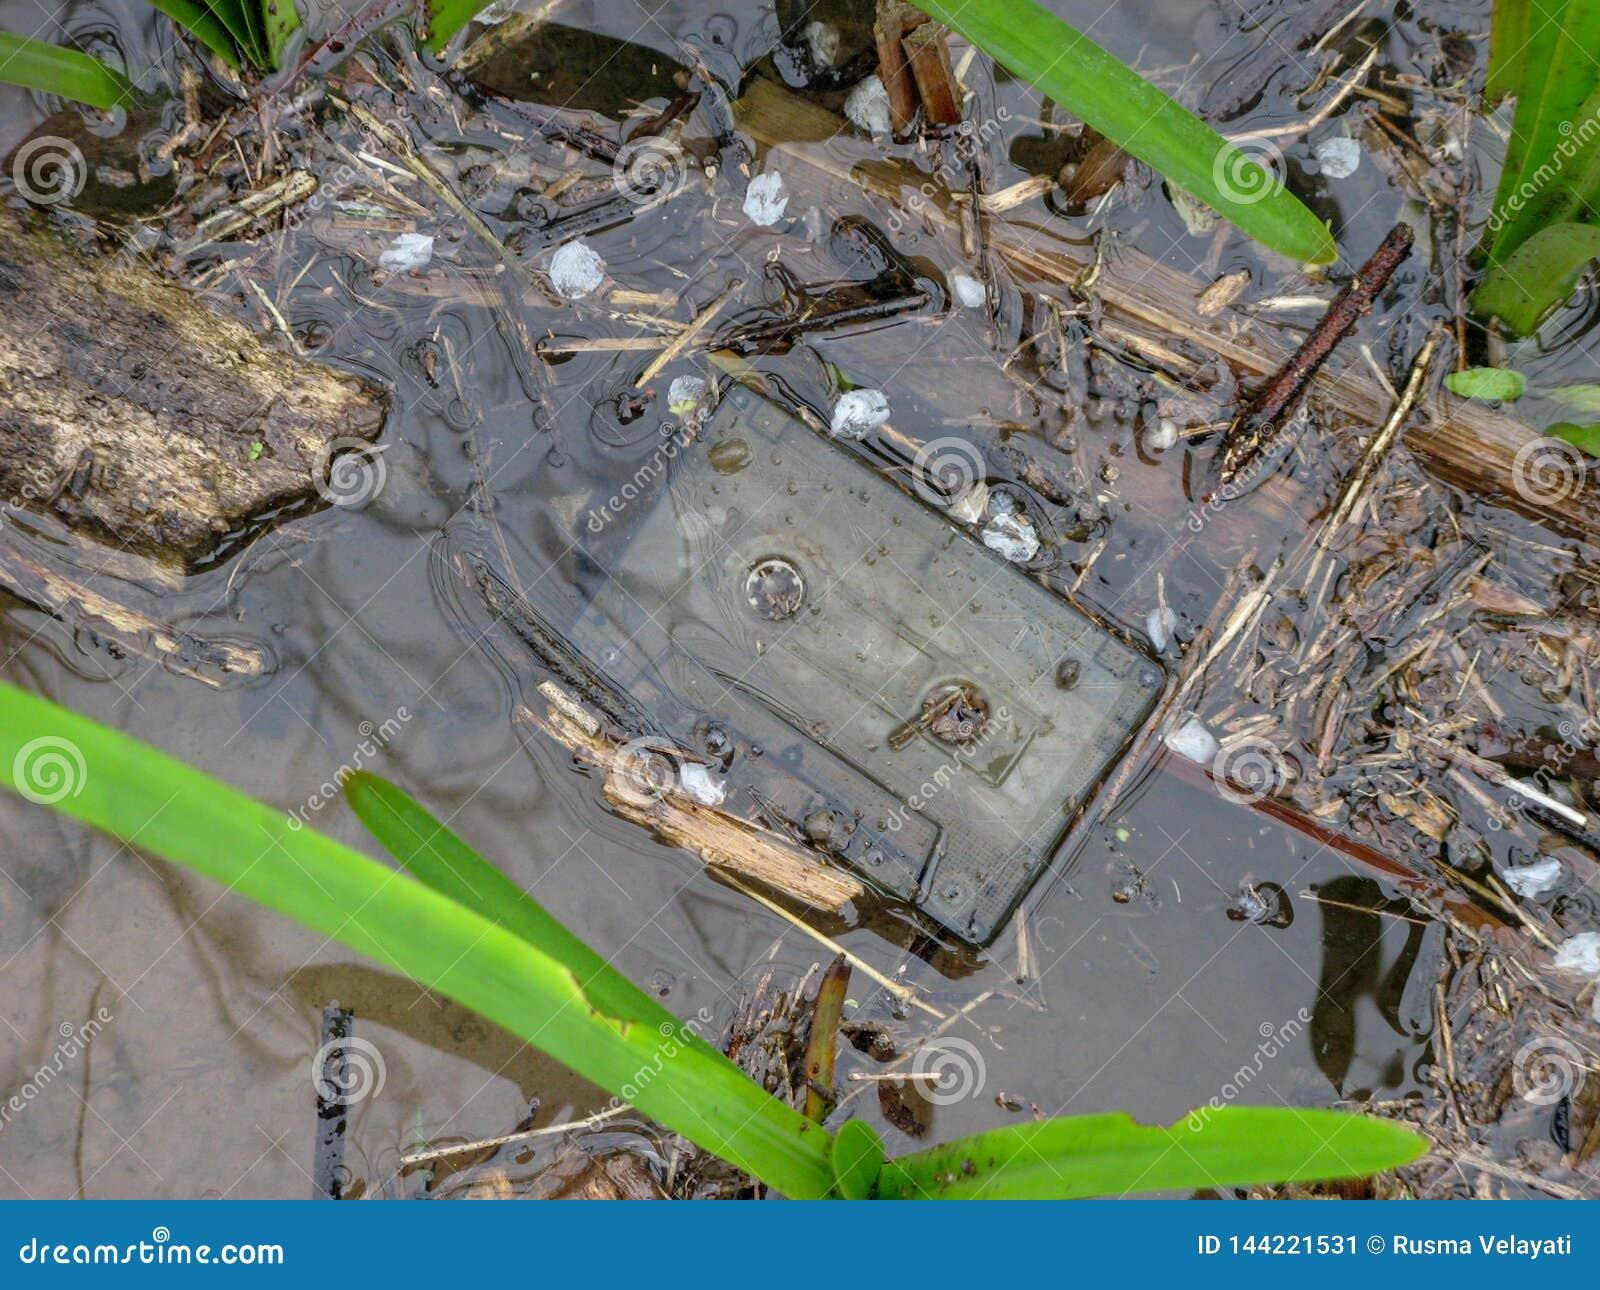 Oude vergeten cassetteband op water Iran, Gilan, Rasht